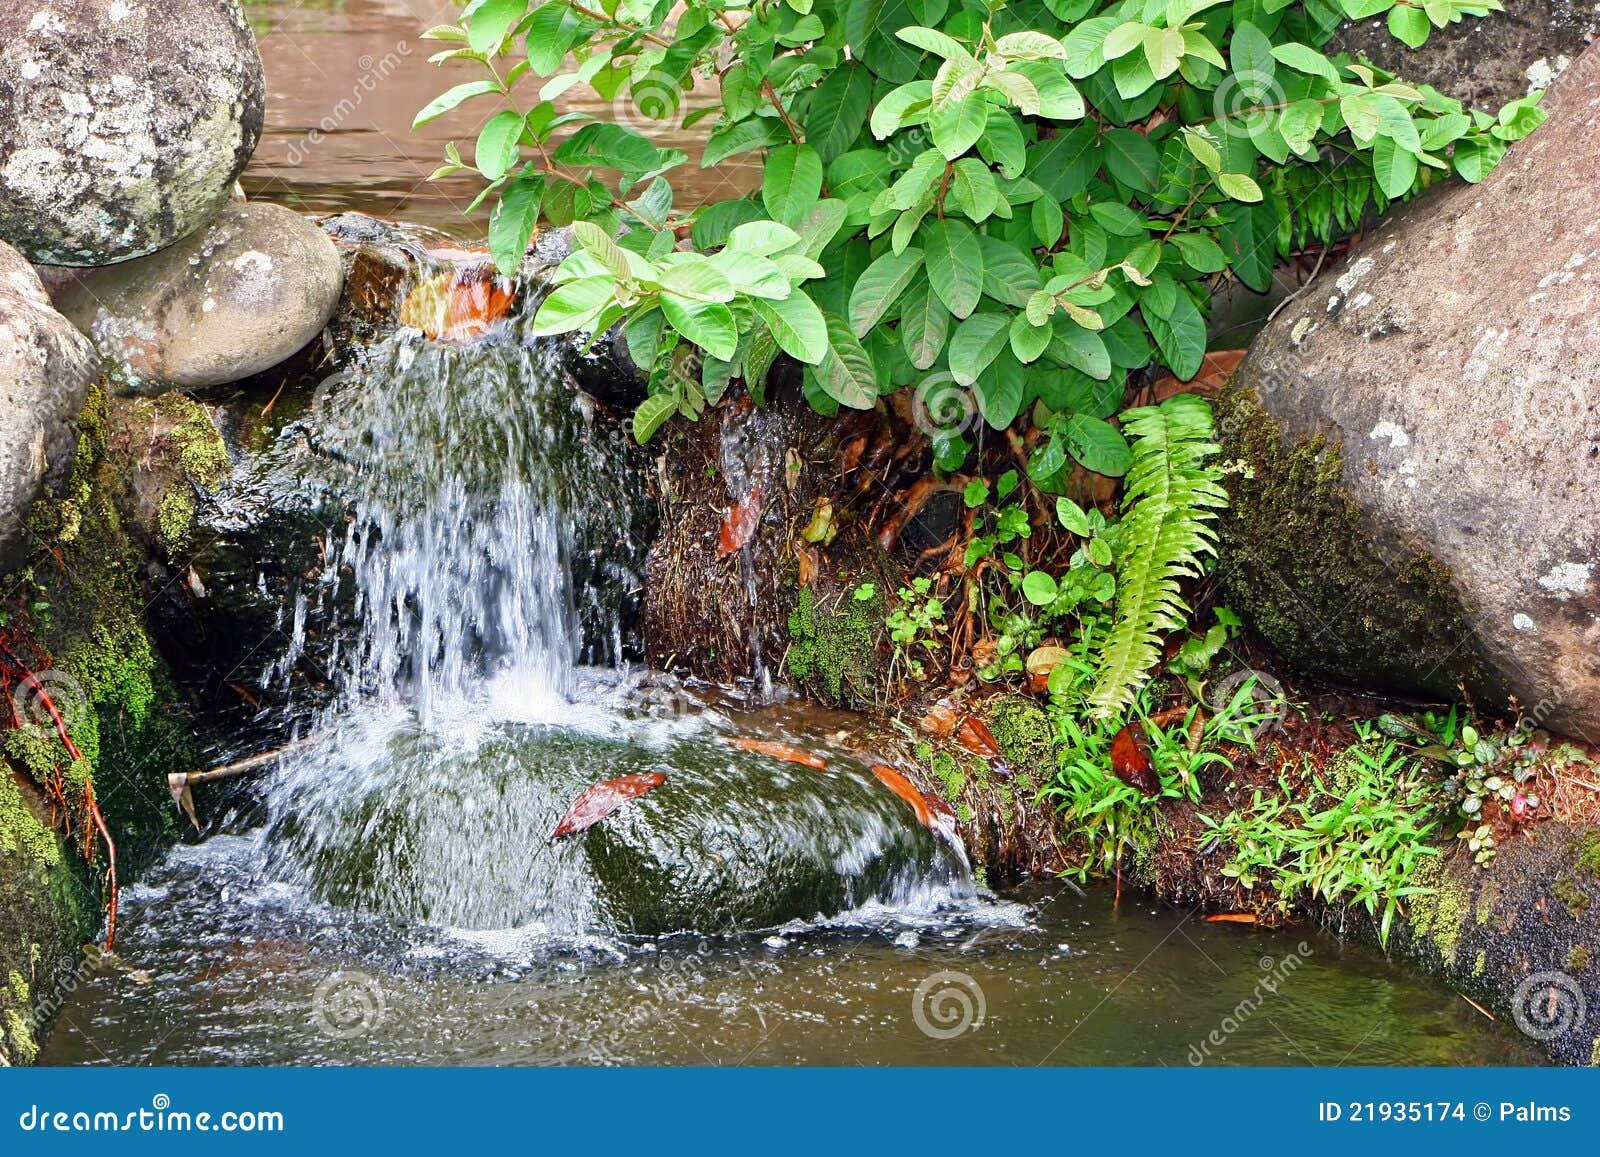 Cascata in giardino roccioso fotografia stock immagine for Cascata giardino